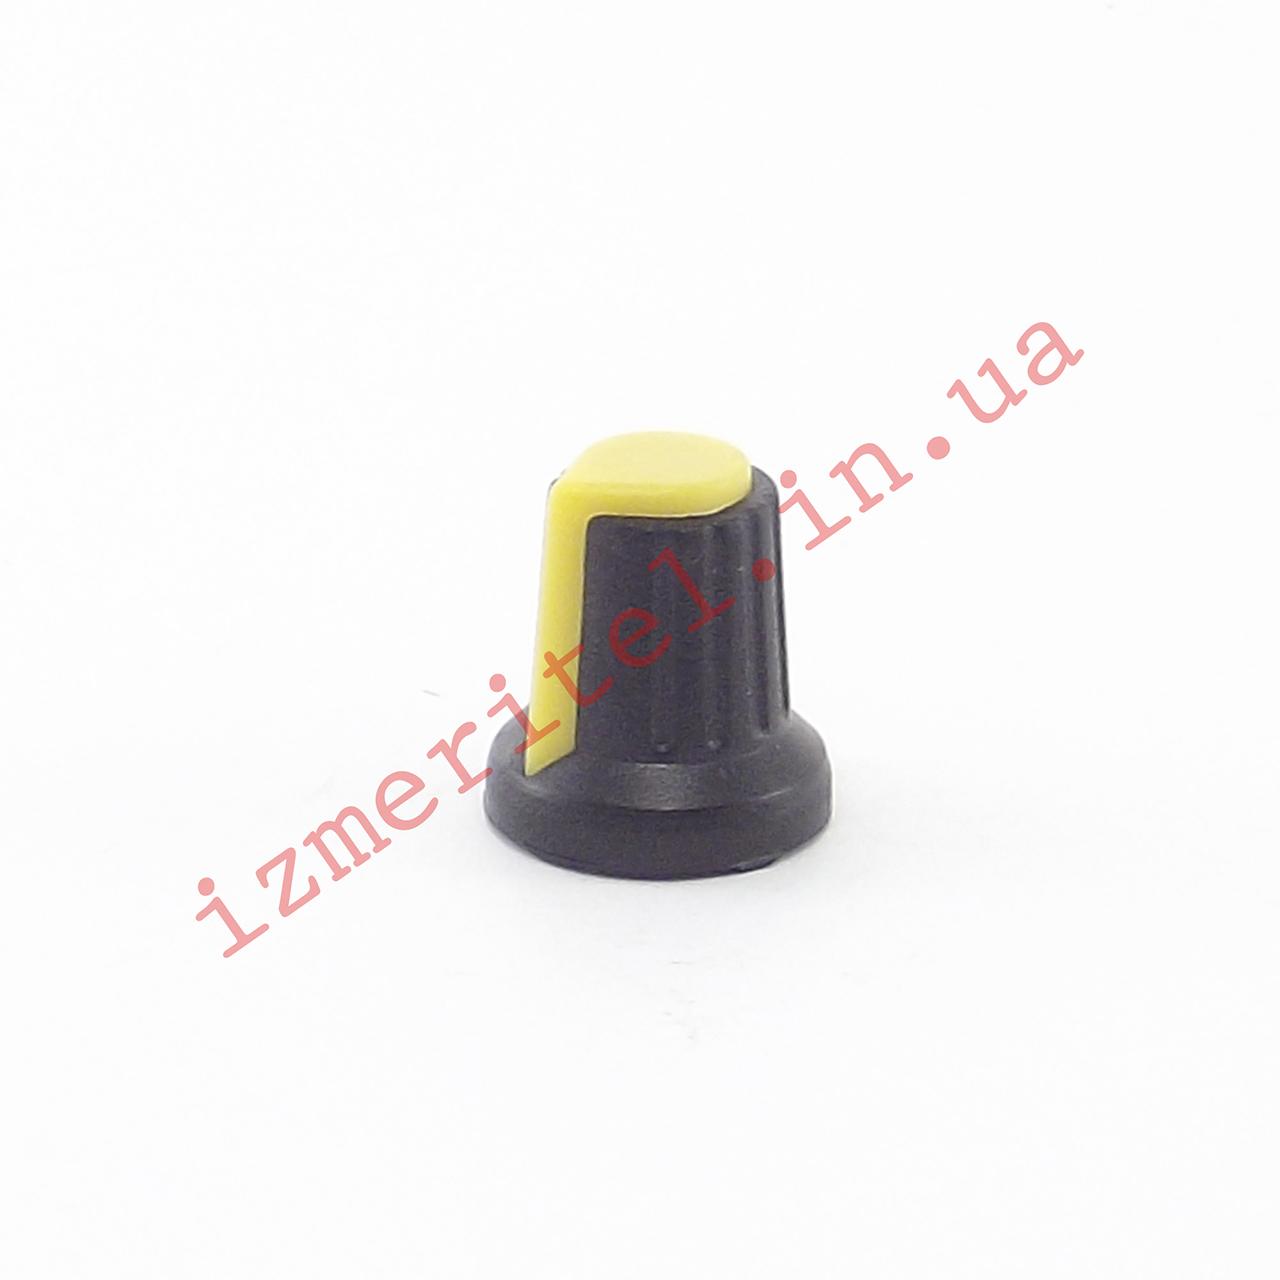 Ручка для потенциометров серии WH148